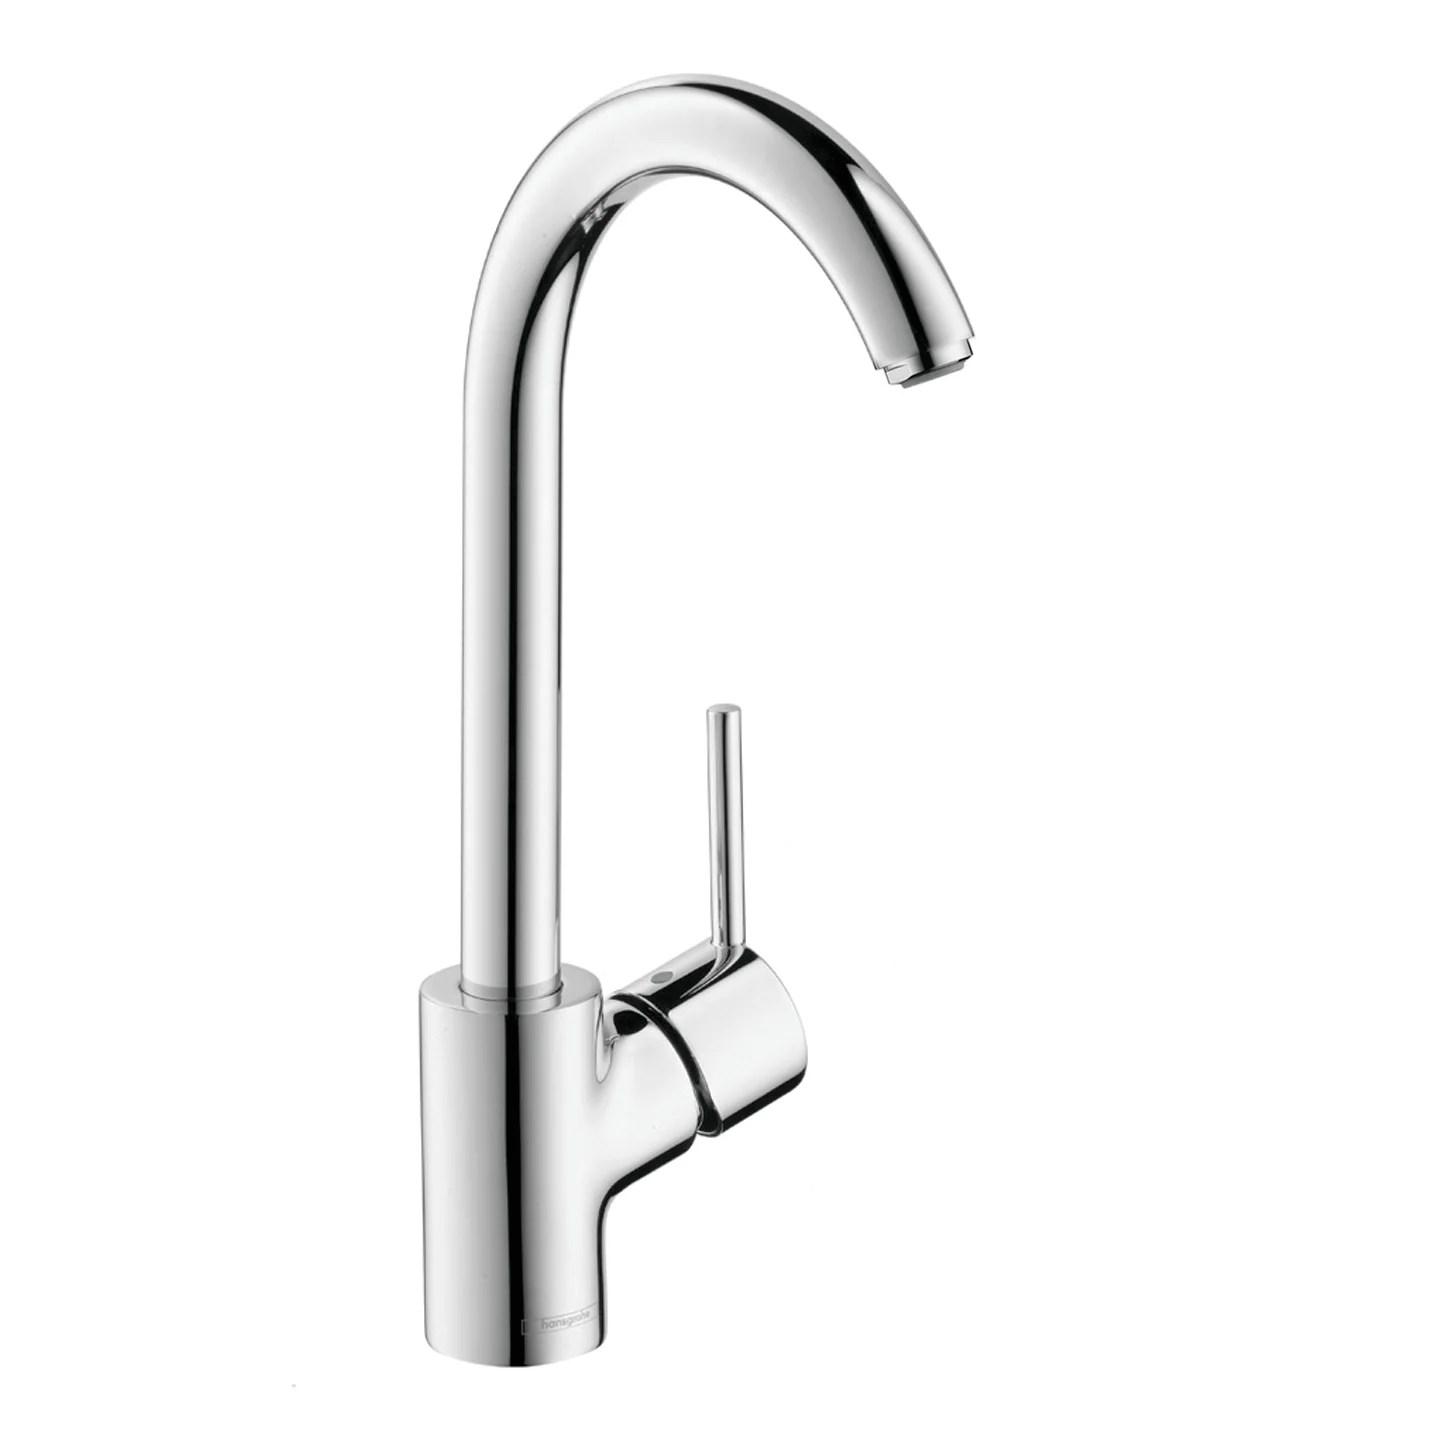 danze single handle kitchen faucet leaking danze kitchen faucets Danze Kitchen Faucet Loose Handle Cliff